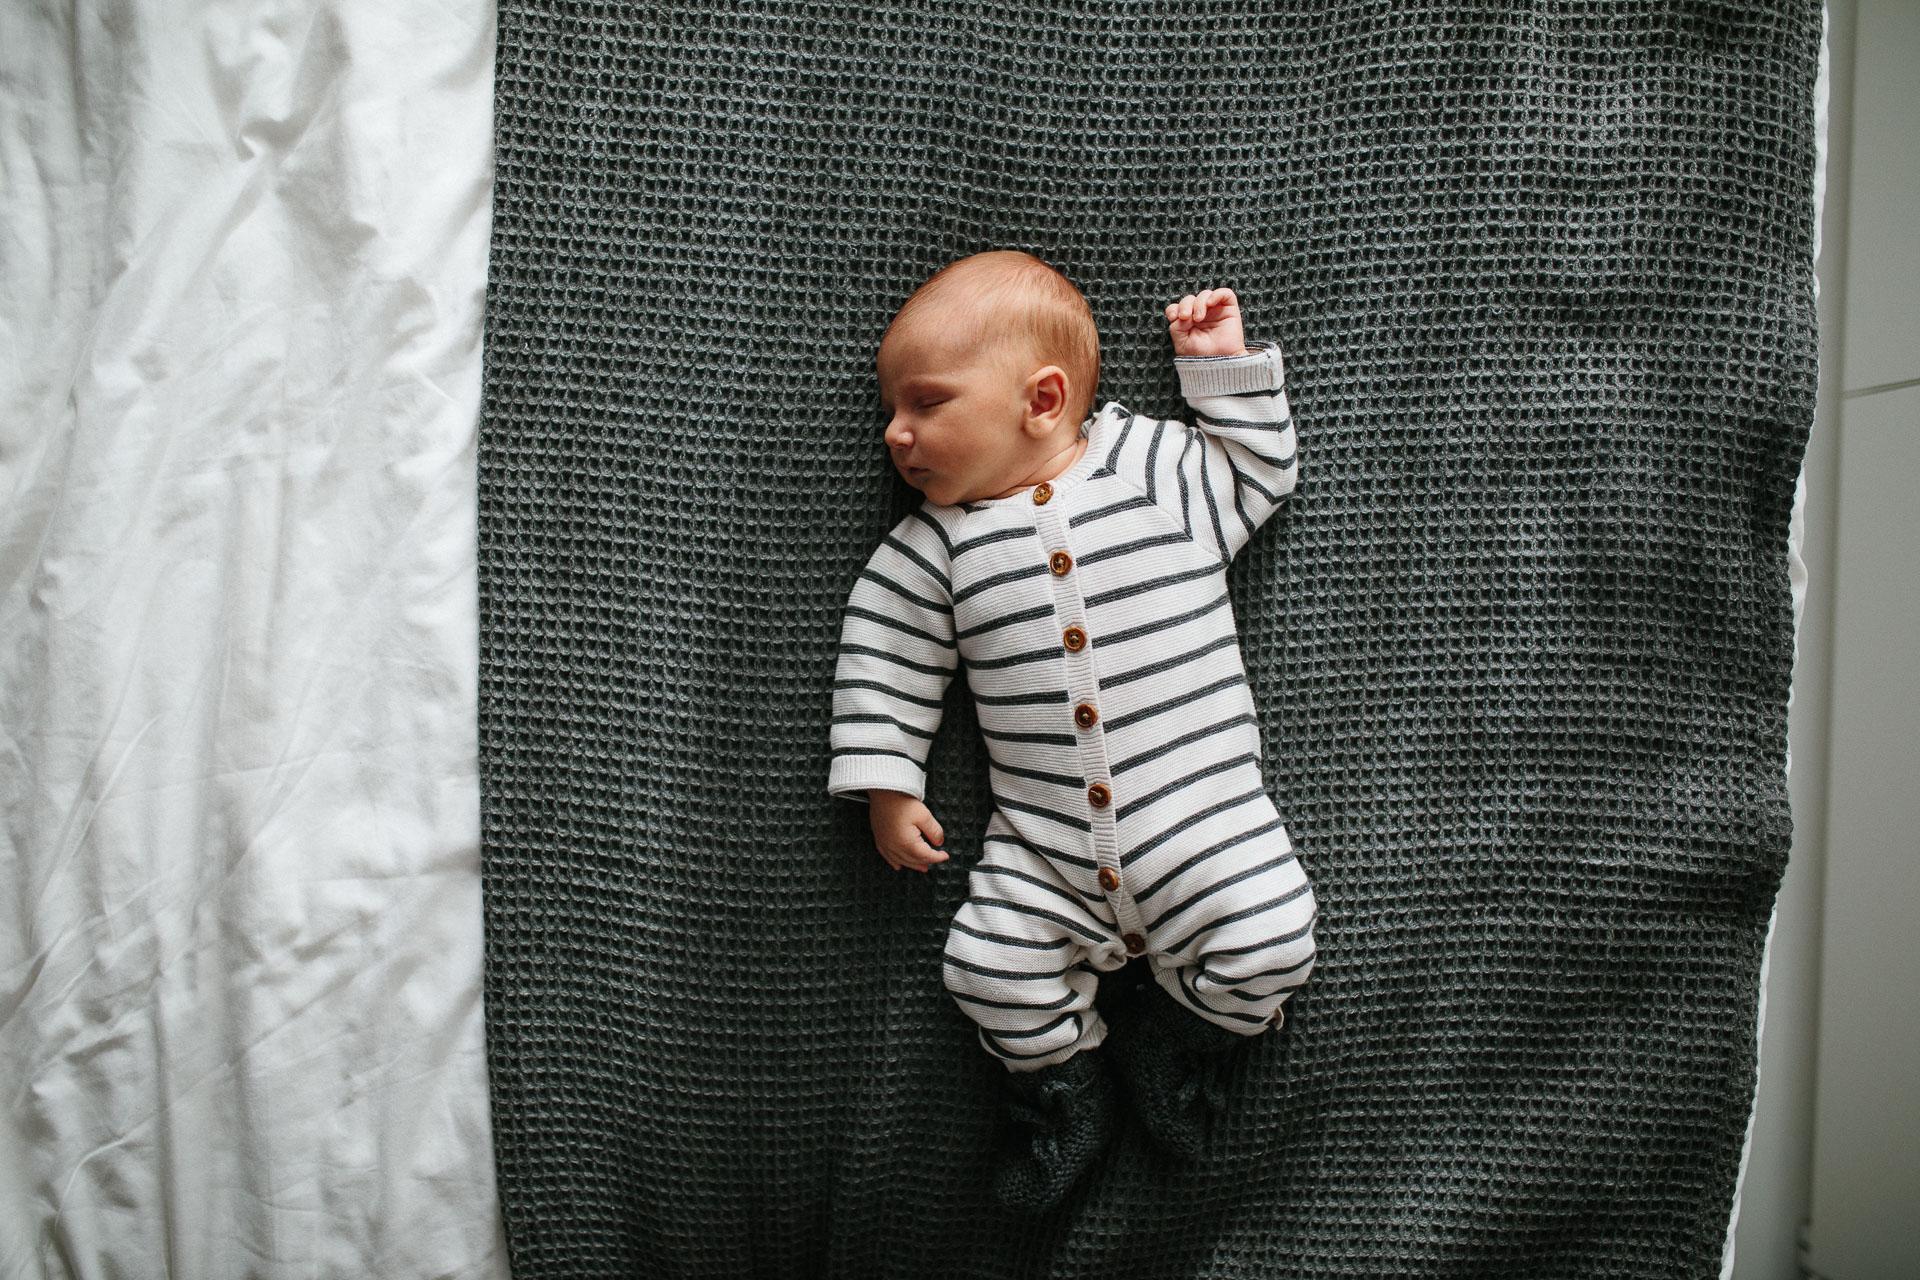 Lifestyle babyfotoshoot at home in Zwolle, Overijssel, door Ilse Stronks fotografie, newbornfotograaf Apeldoorn